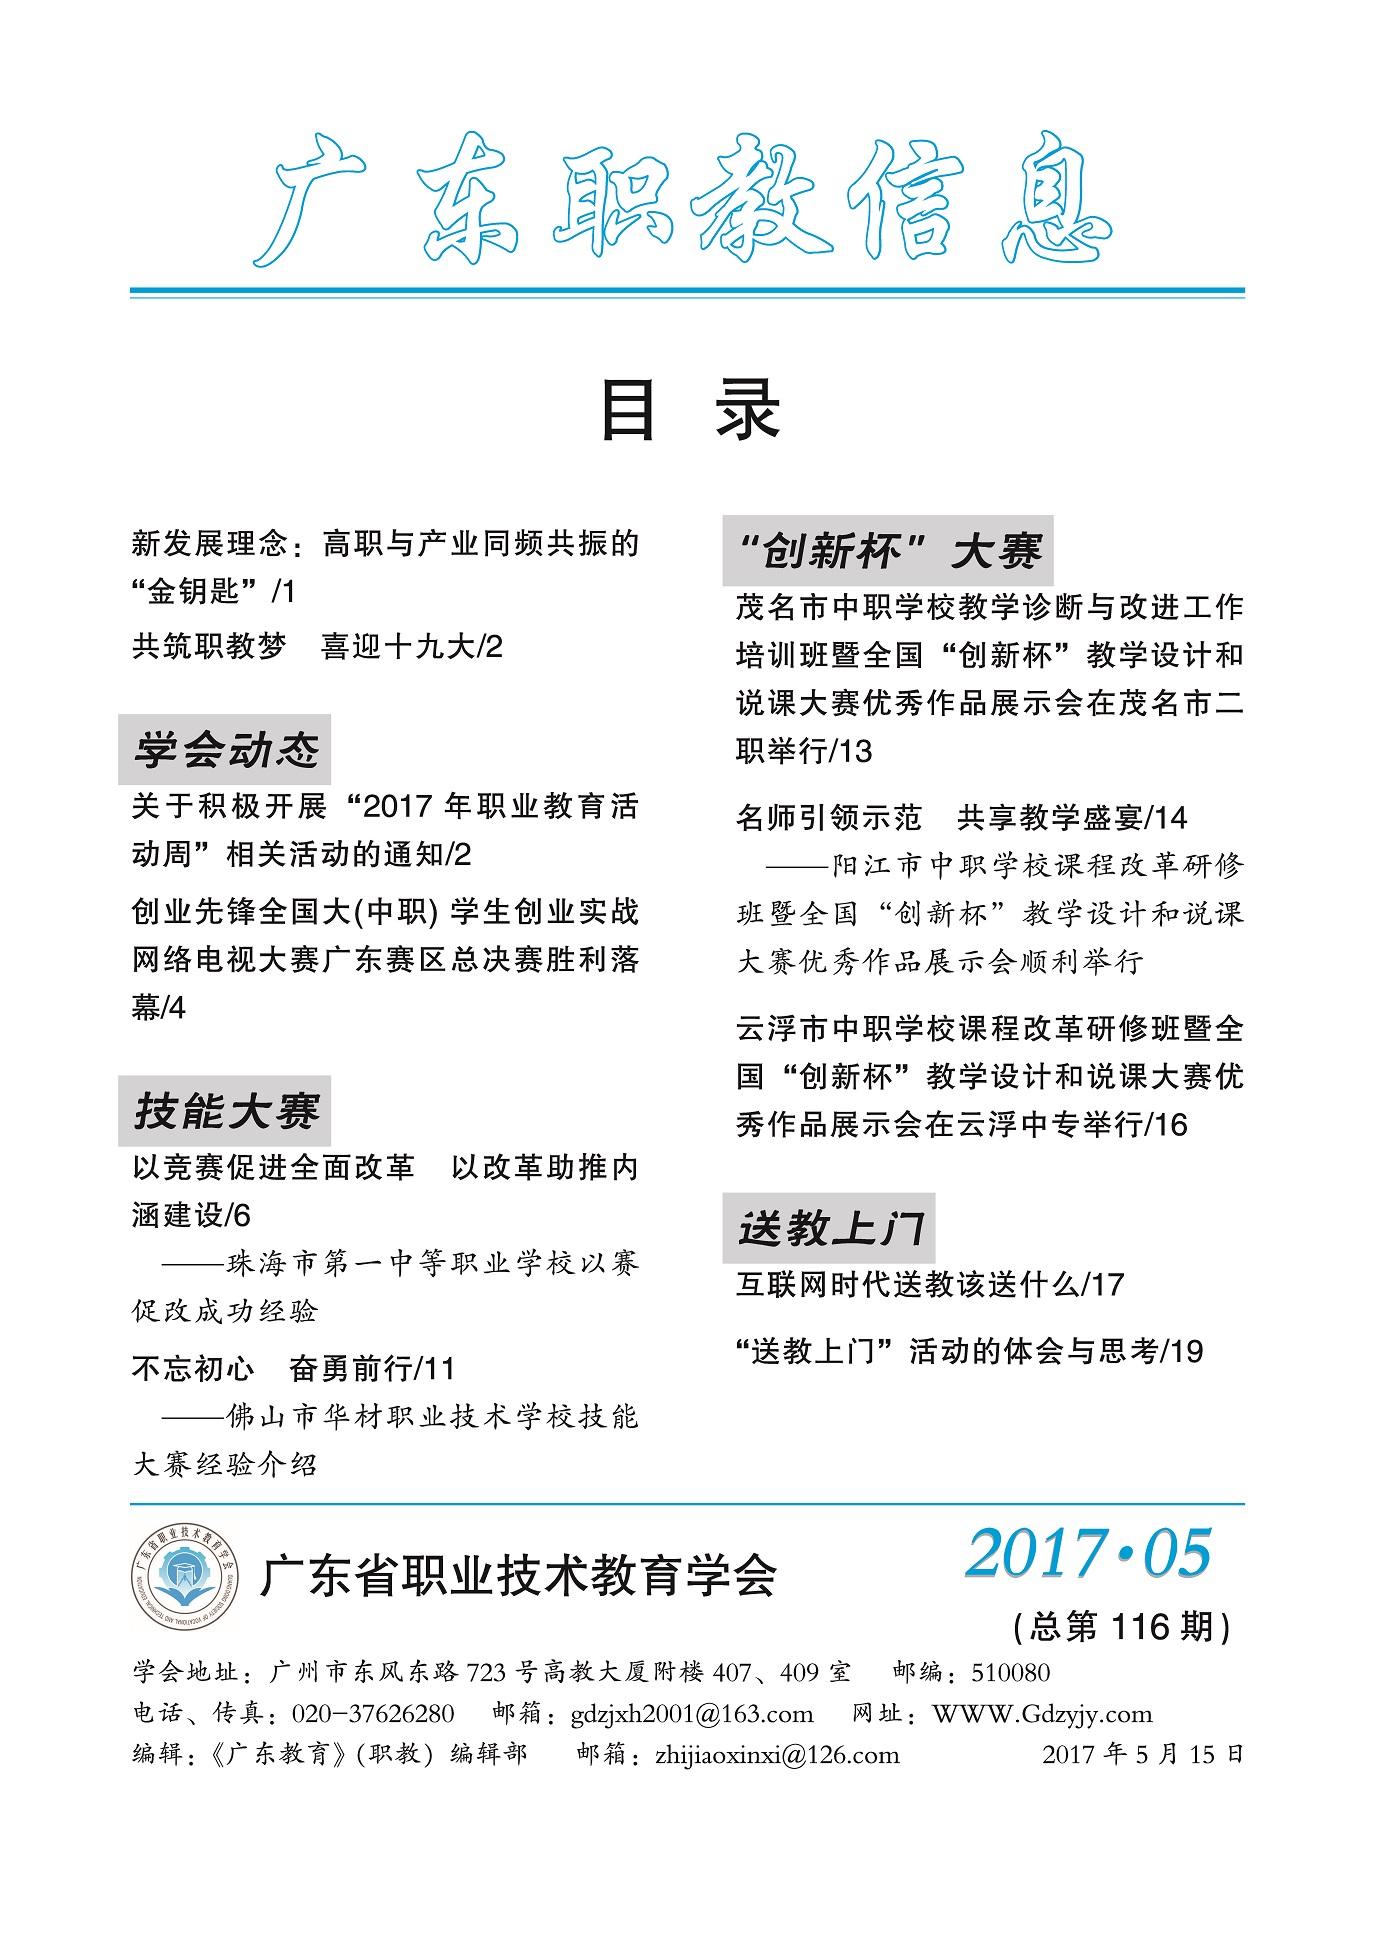 广东职教信息2017年第5期 1.jpg